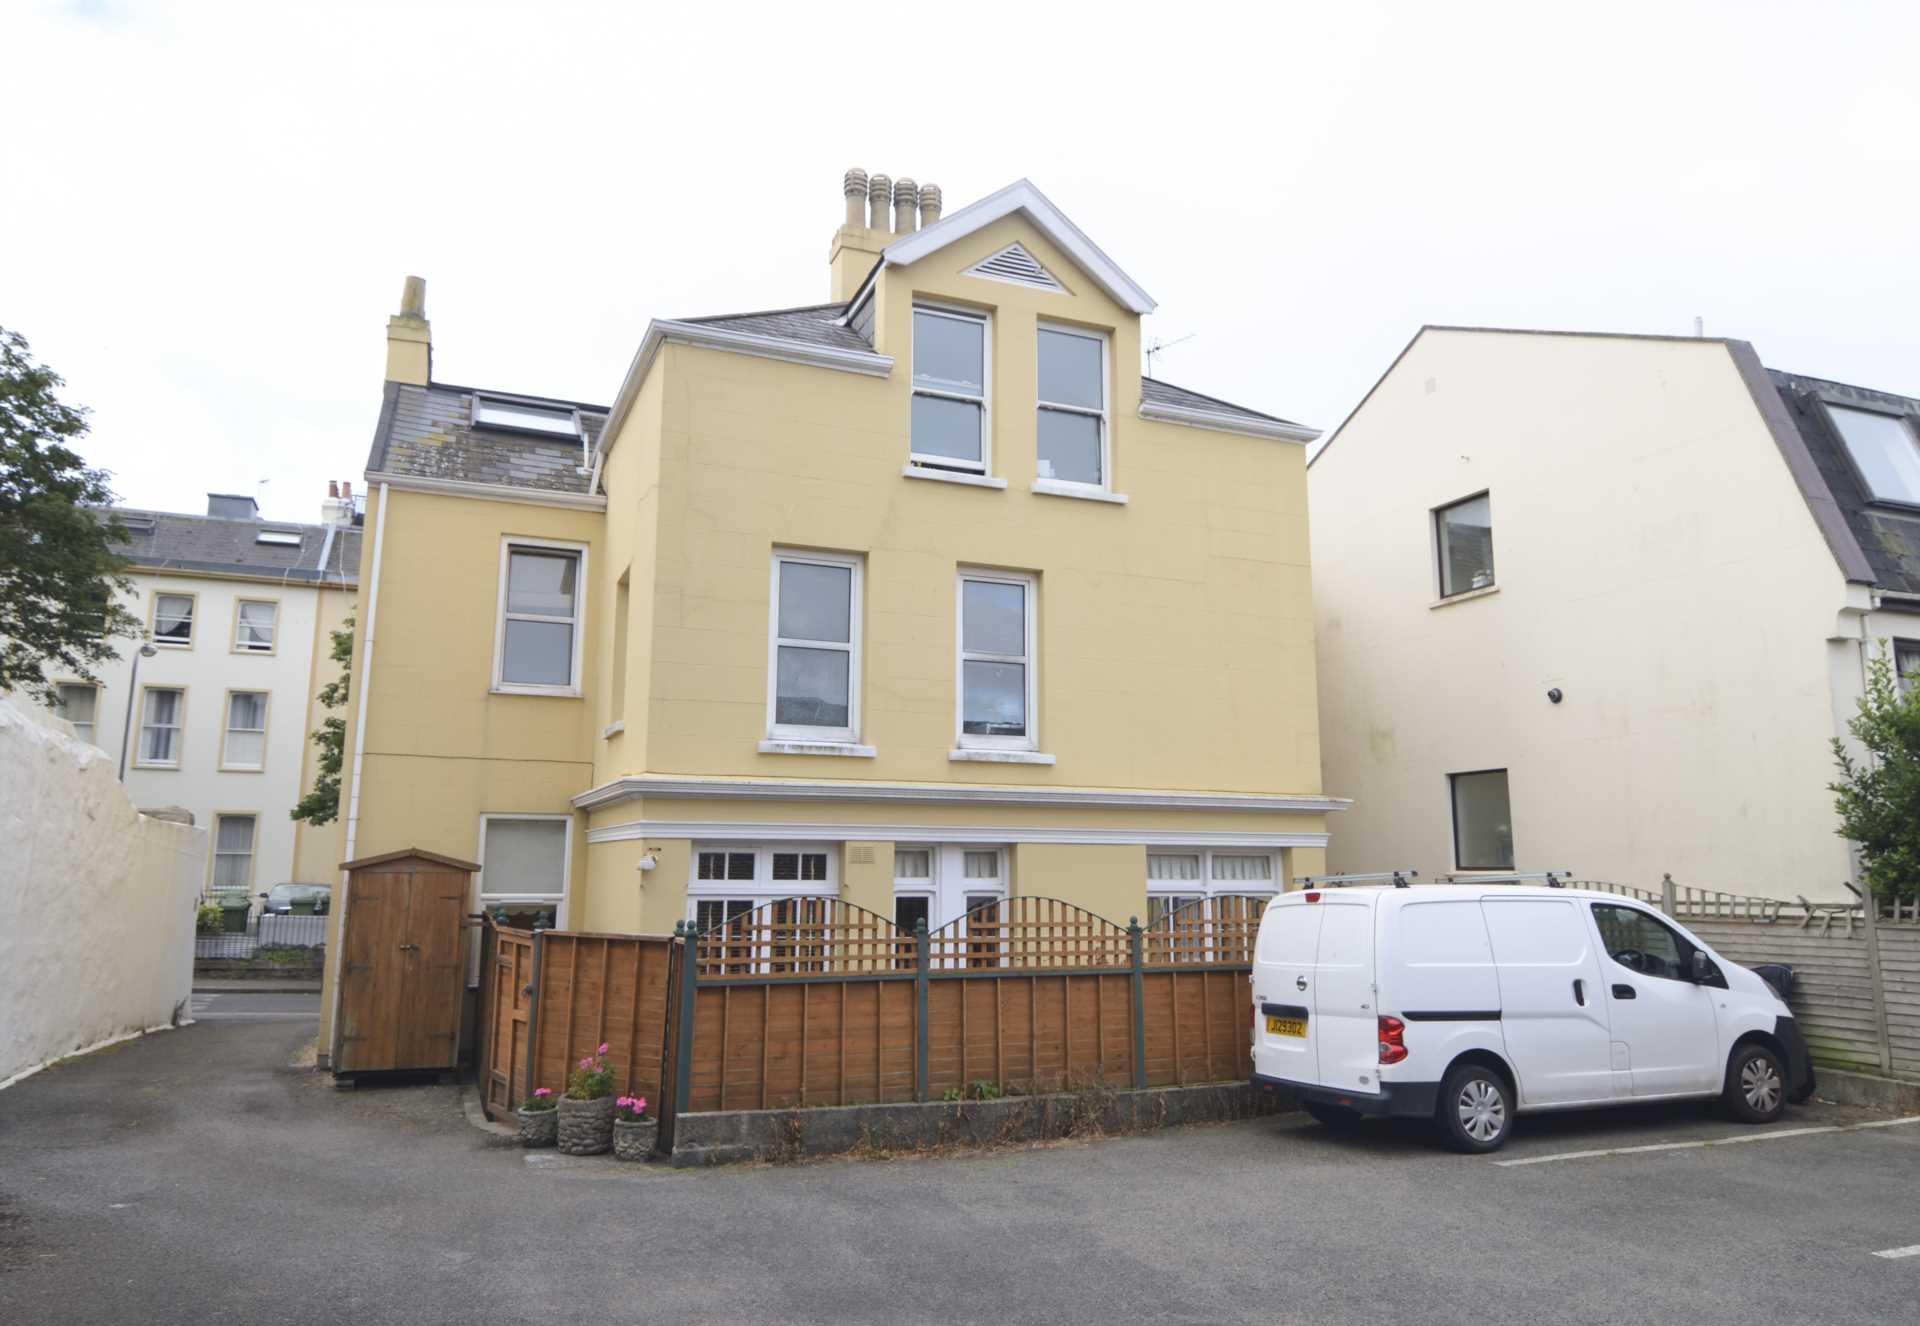 Grosvenor Street, St Helier, Image 13